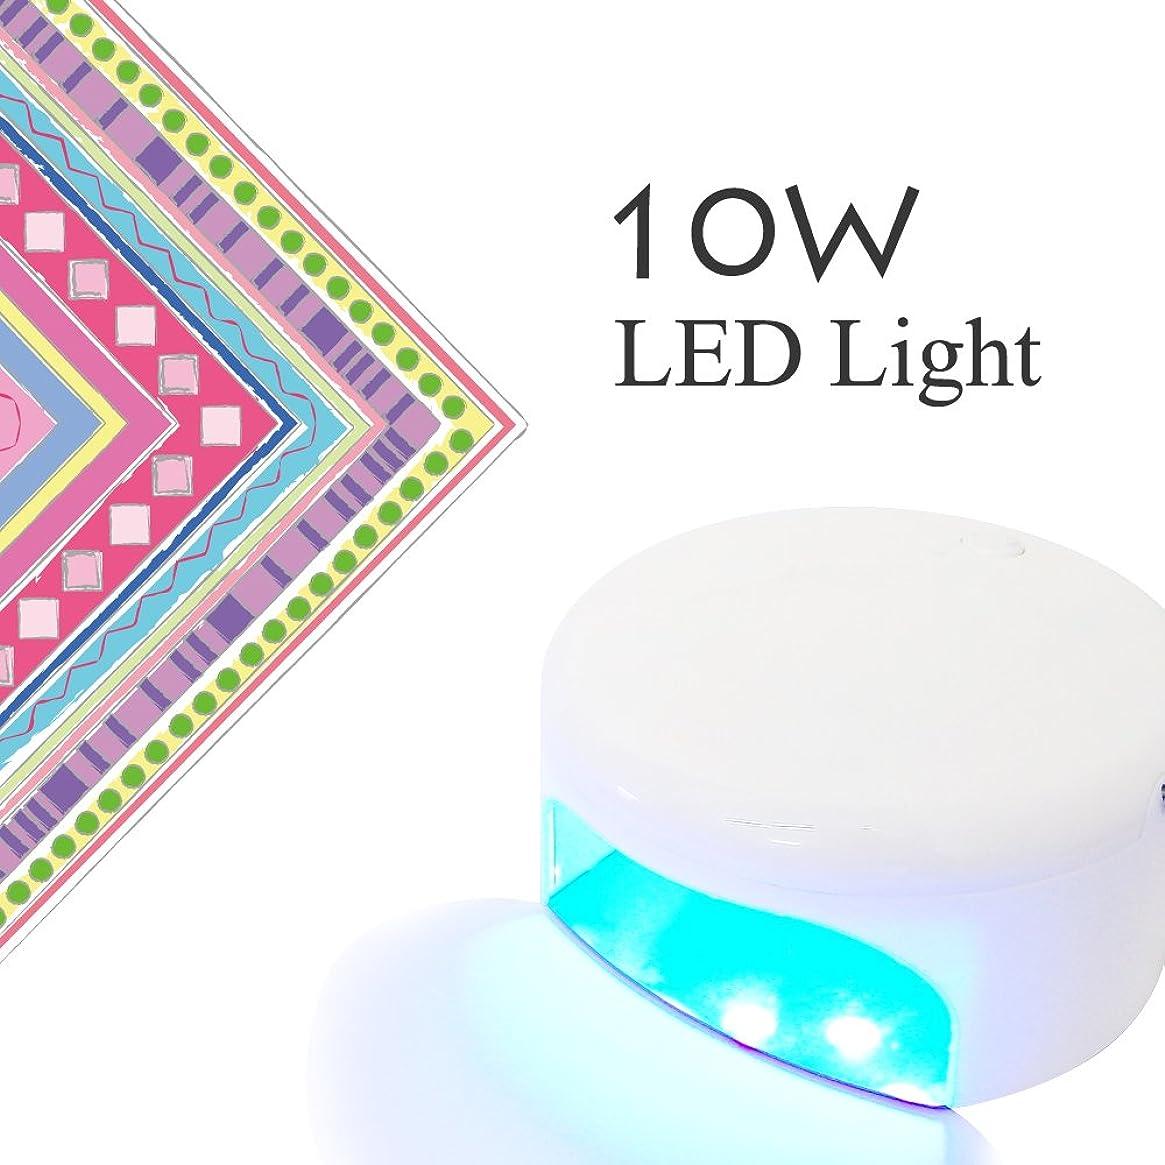 環境天才売り手ネイル用LEDライト 10W チップLED搭載 【LED10wライト】コンパクトハイパワー保証書。取扱説明書付き ジェルネイル (10W)